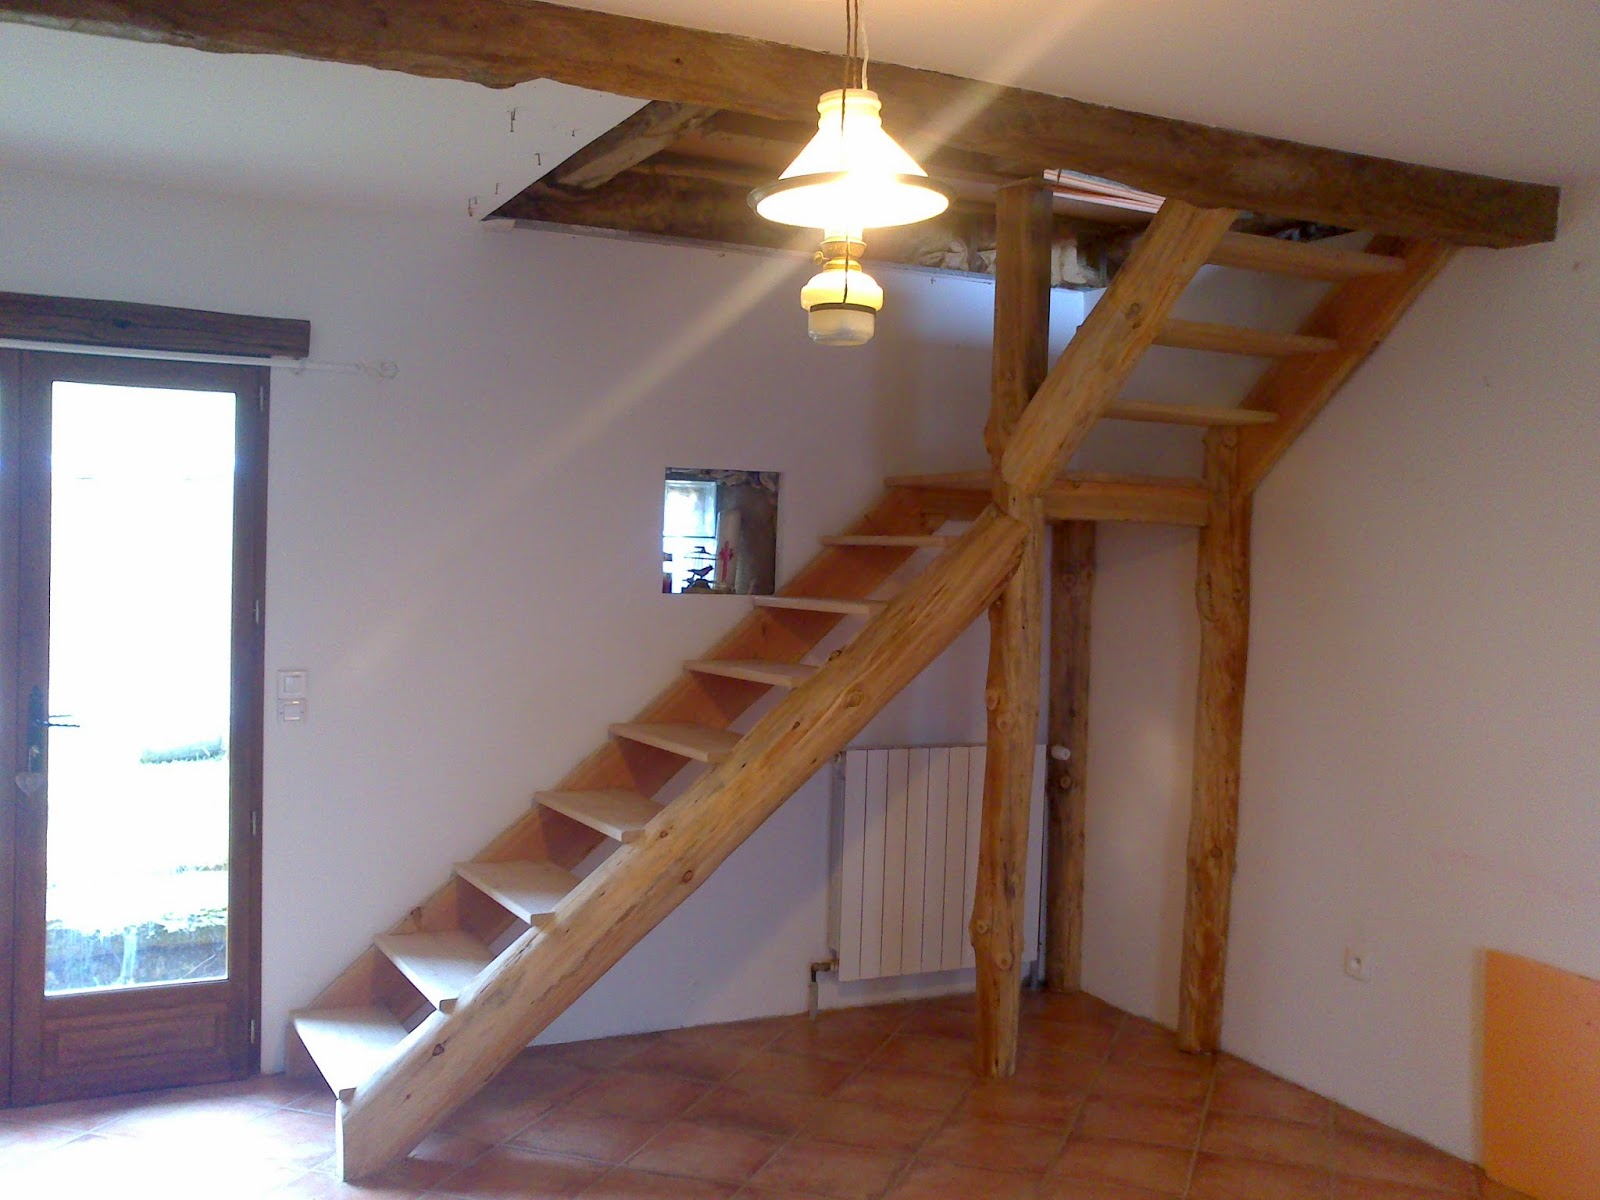 R alisations rondins pyr n es constructions en fuste for Rondin de bois pour escalier exterieur